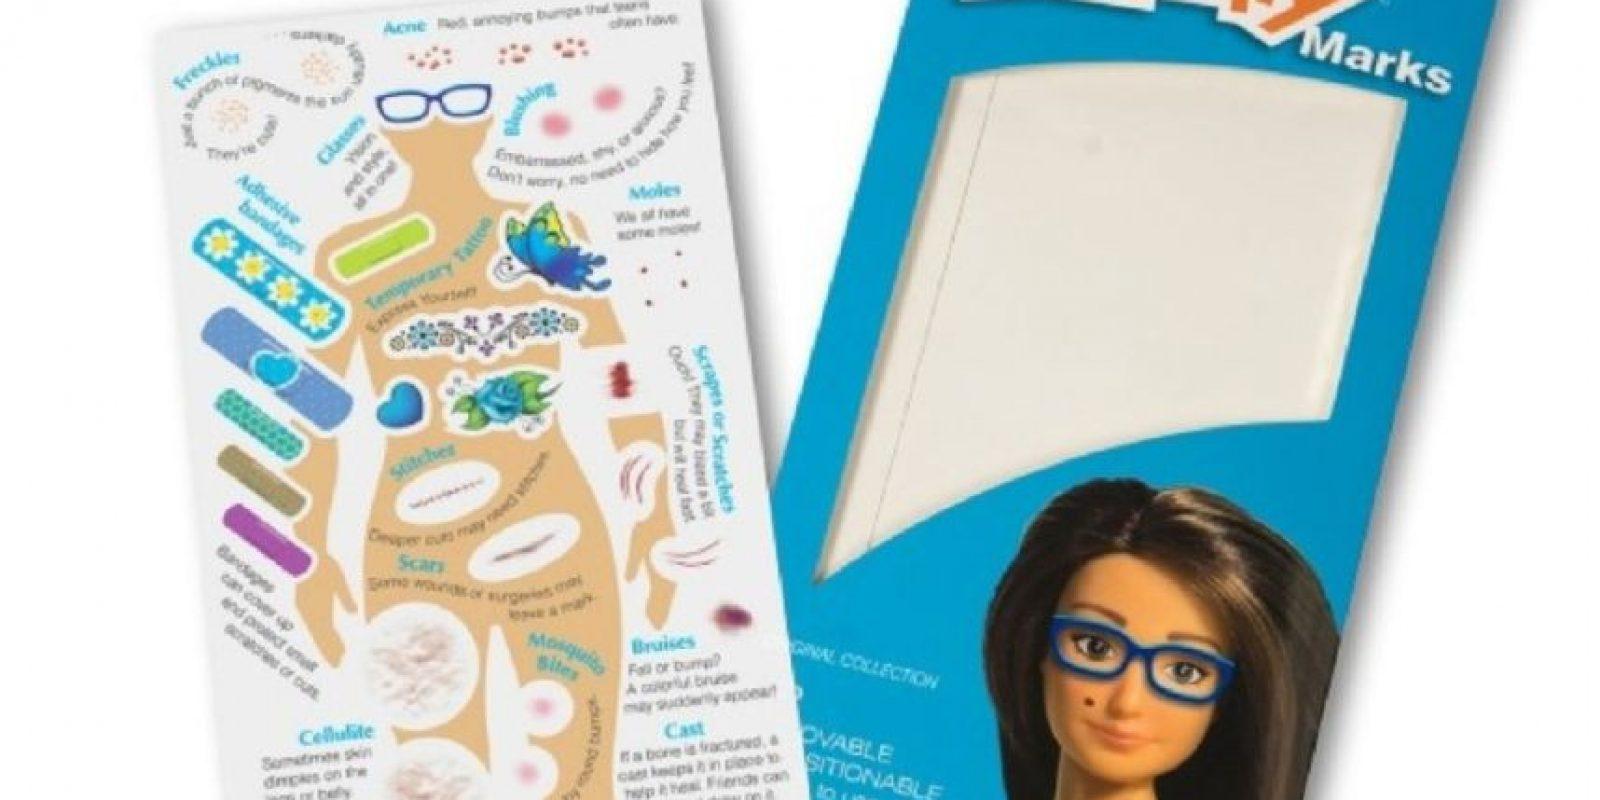 """""""Lammily"""" incluye unos stickers llamados """"marcas Lammily"""". Celulitis, estrías, acné, etc … nadie quiere hablar de ello porque la gente se avergüenza de tenerlo"""", explica Lamm que quiere traer estos """"defectos"""" normales en la corriente principal. Y añade: """"Recuerdo que Demi Lovato dijo por Twitter que ella quería que las muñecas tuvieran celulitis y un amigo mío sugirió que deberían también tener stickers de acné y todas las otras marcas"""". Foto:lammily.com"""